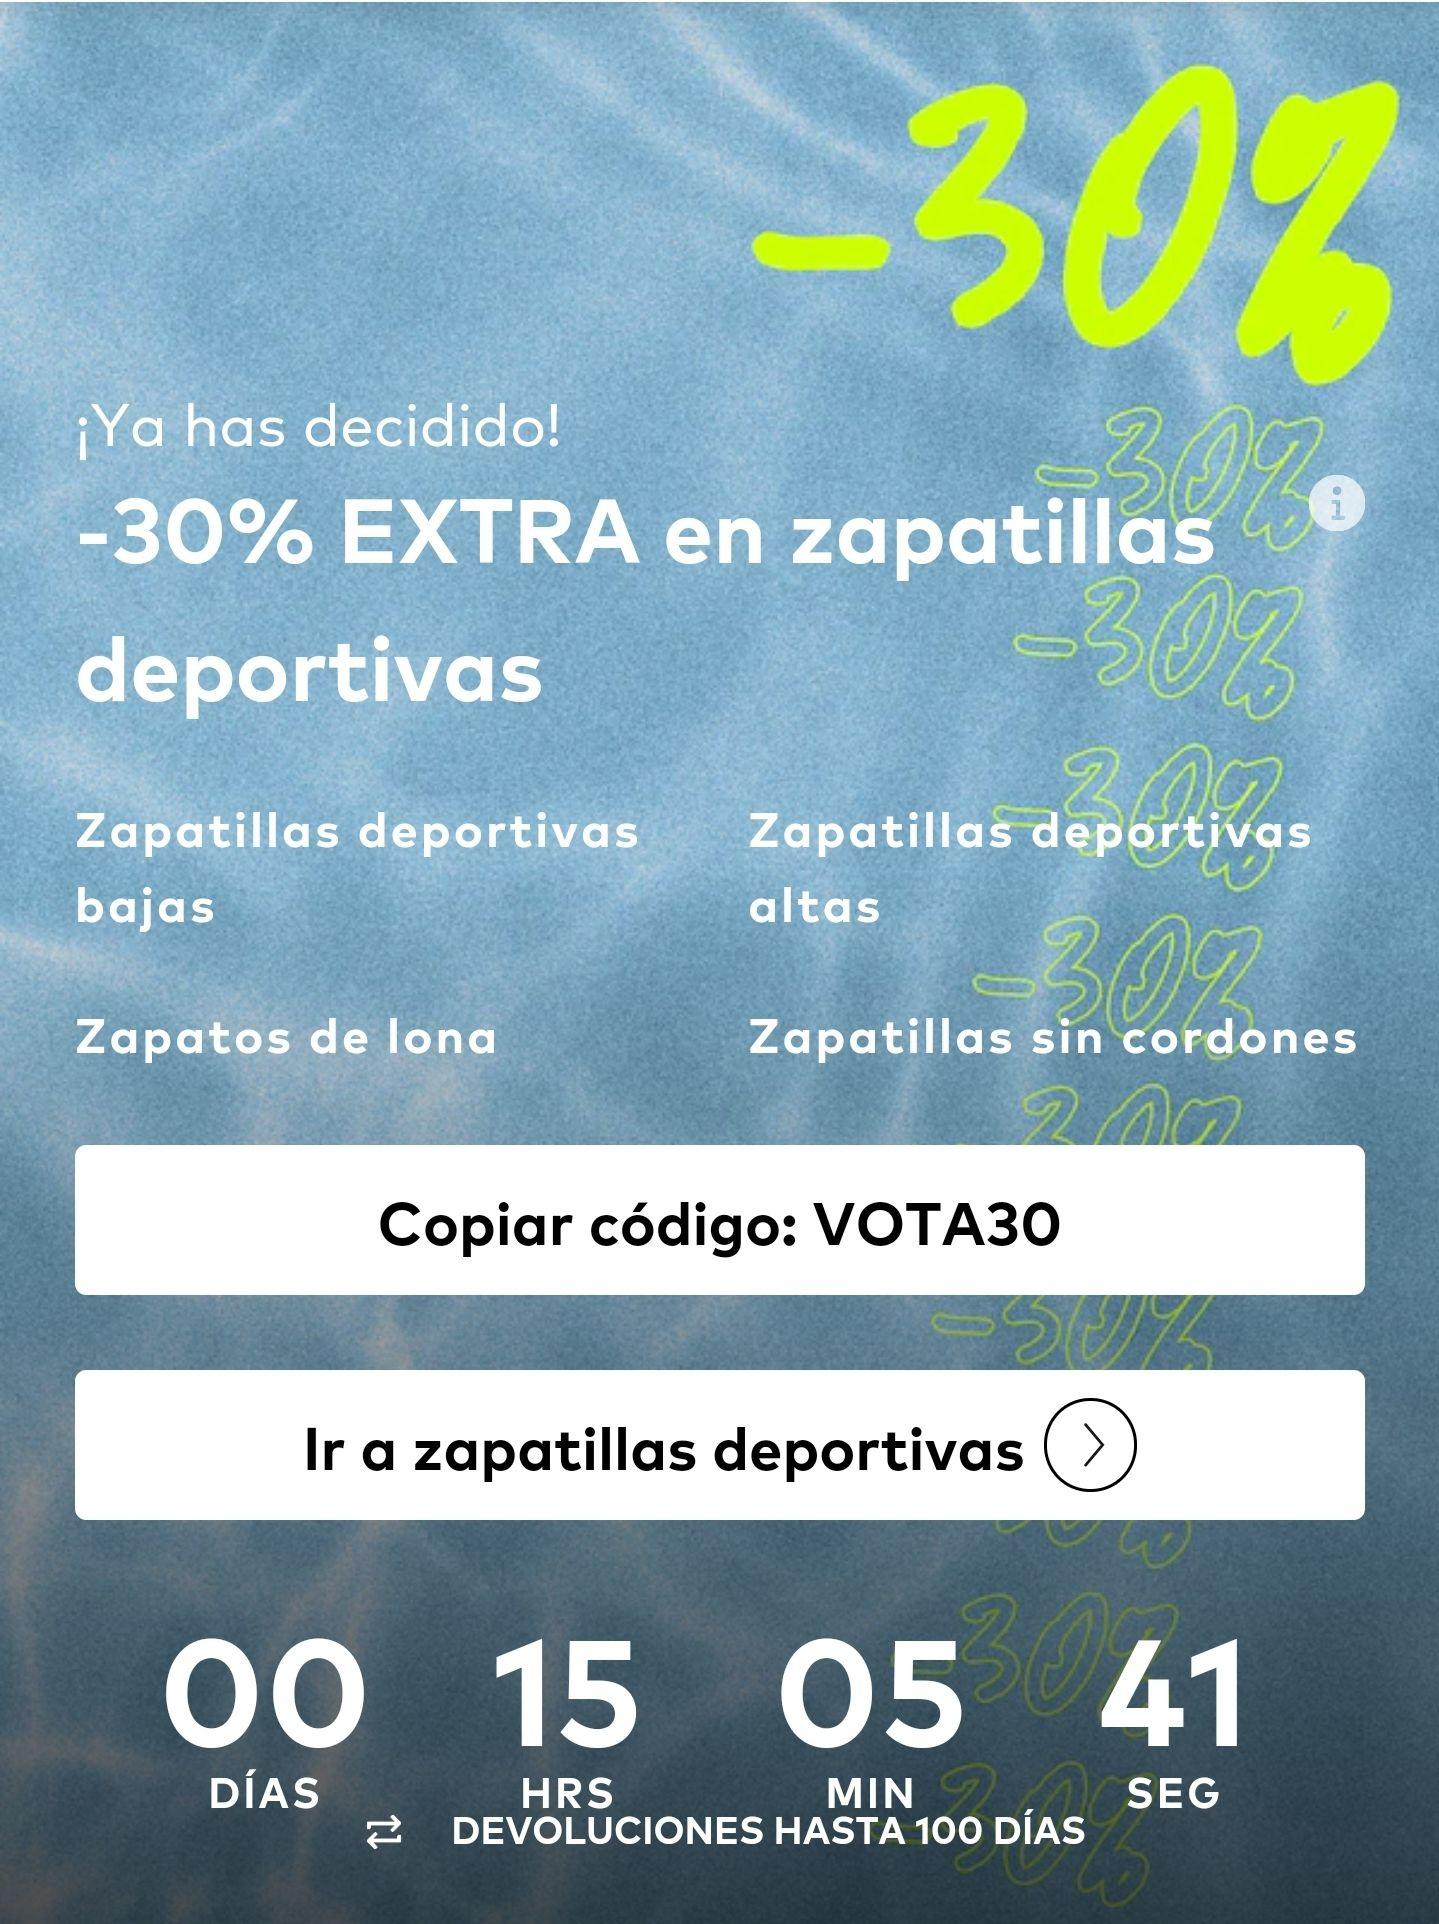 -30% EXTRA en zapatillas deportivas